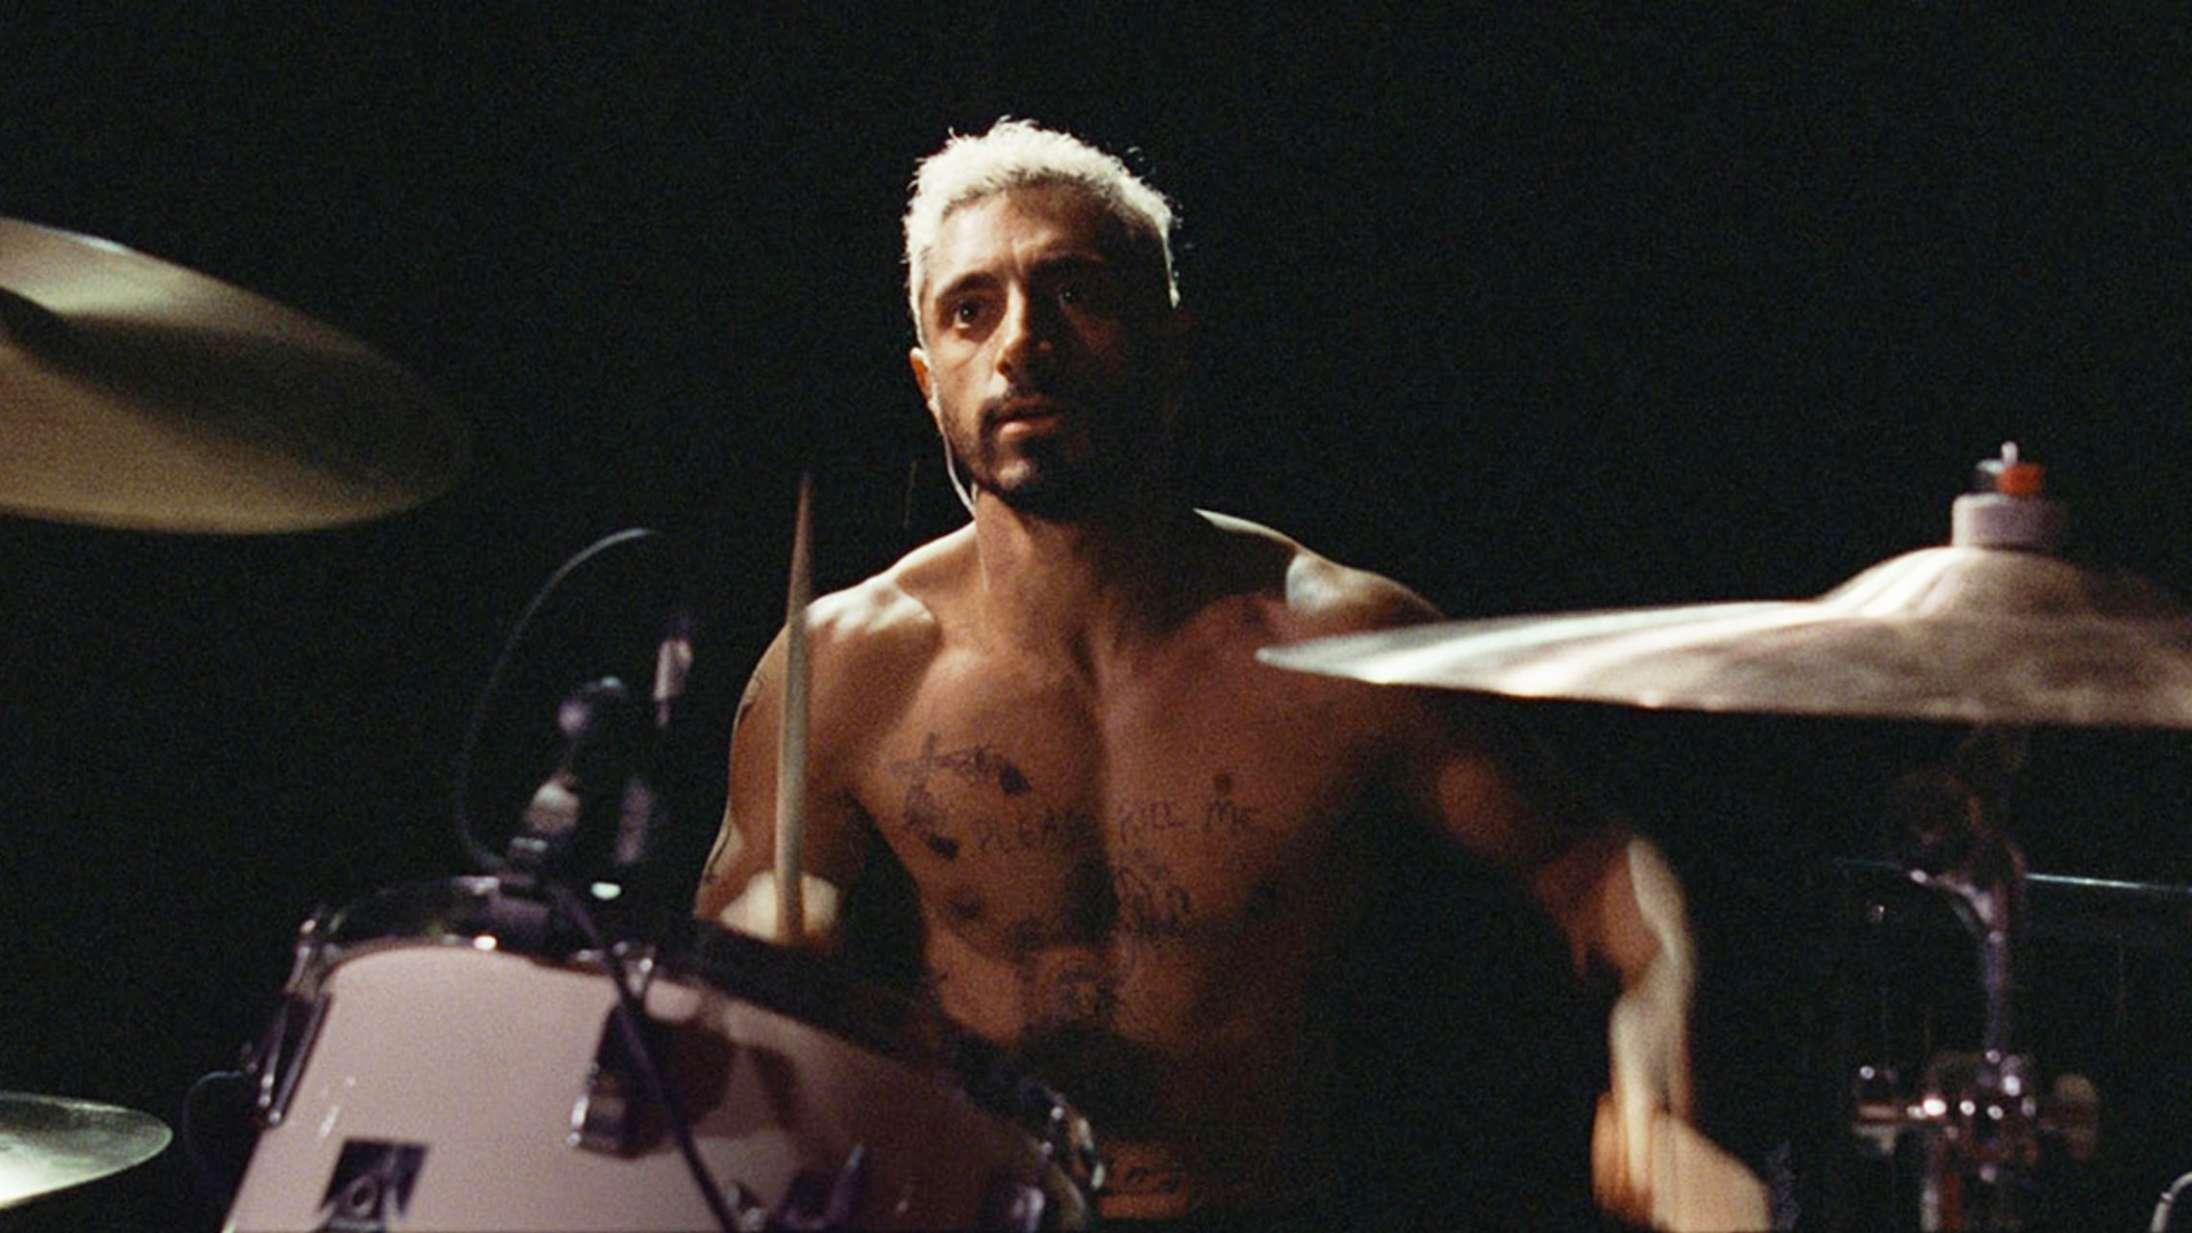 Kom til Soundvenue Forpremiere på 'Sound of Metal' med Riz Ahmed – mød The Minds of 99-trommeslager Louis Barnholdt Clausen